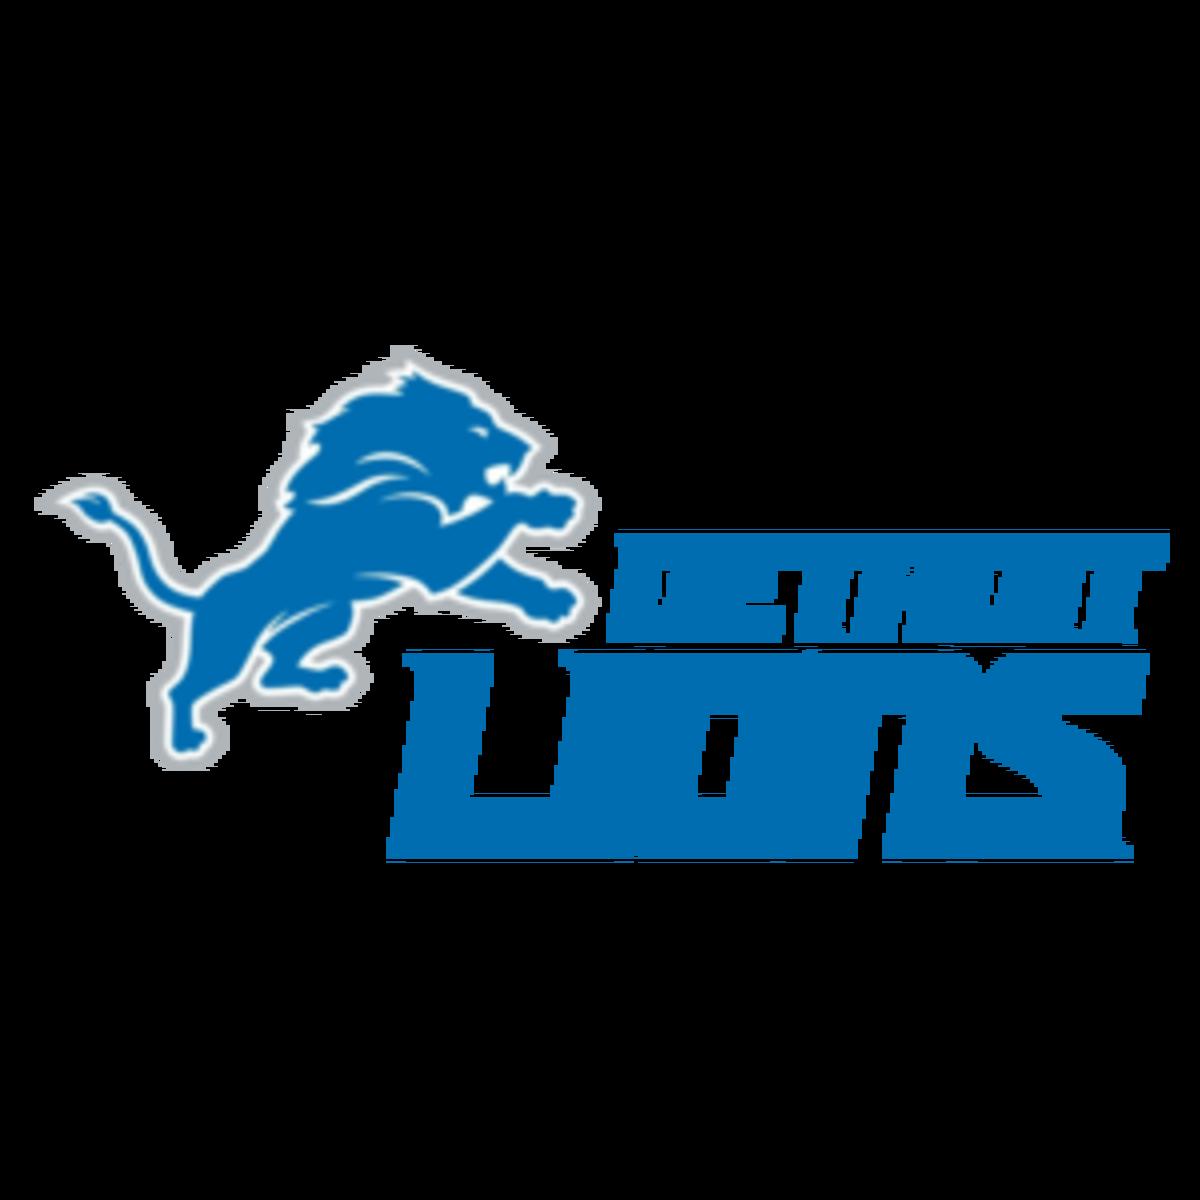 nfl-detroit-lions-team-logo-300x300